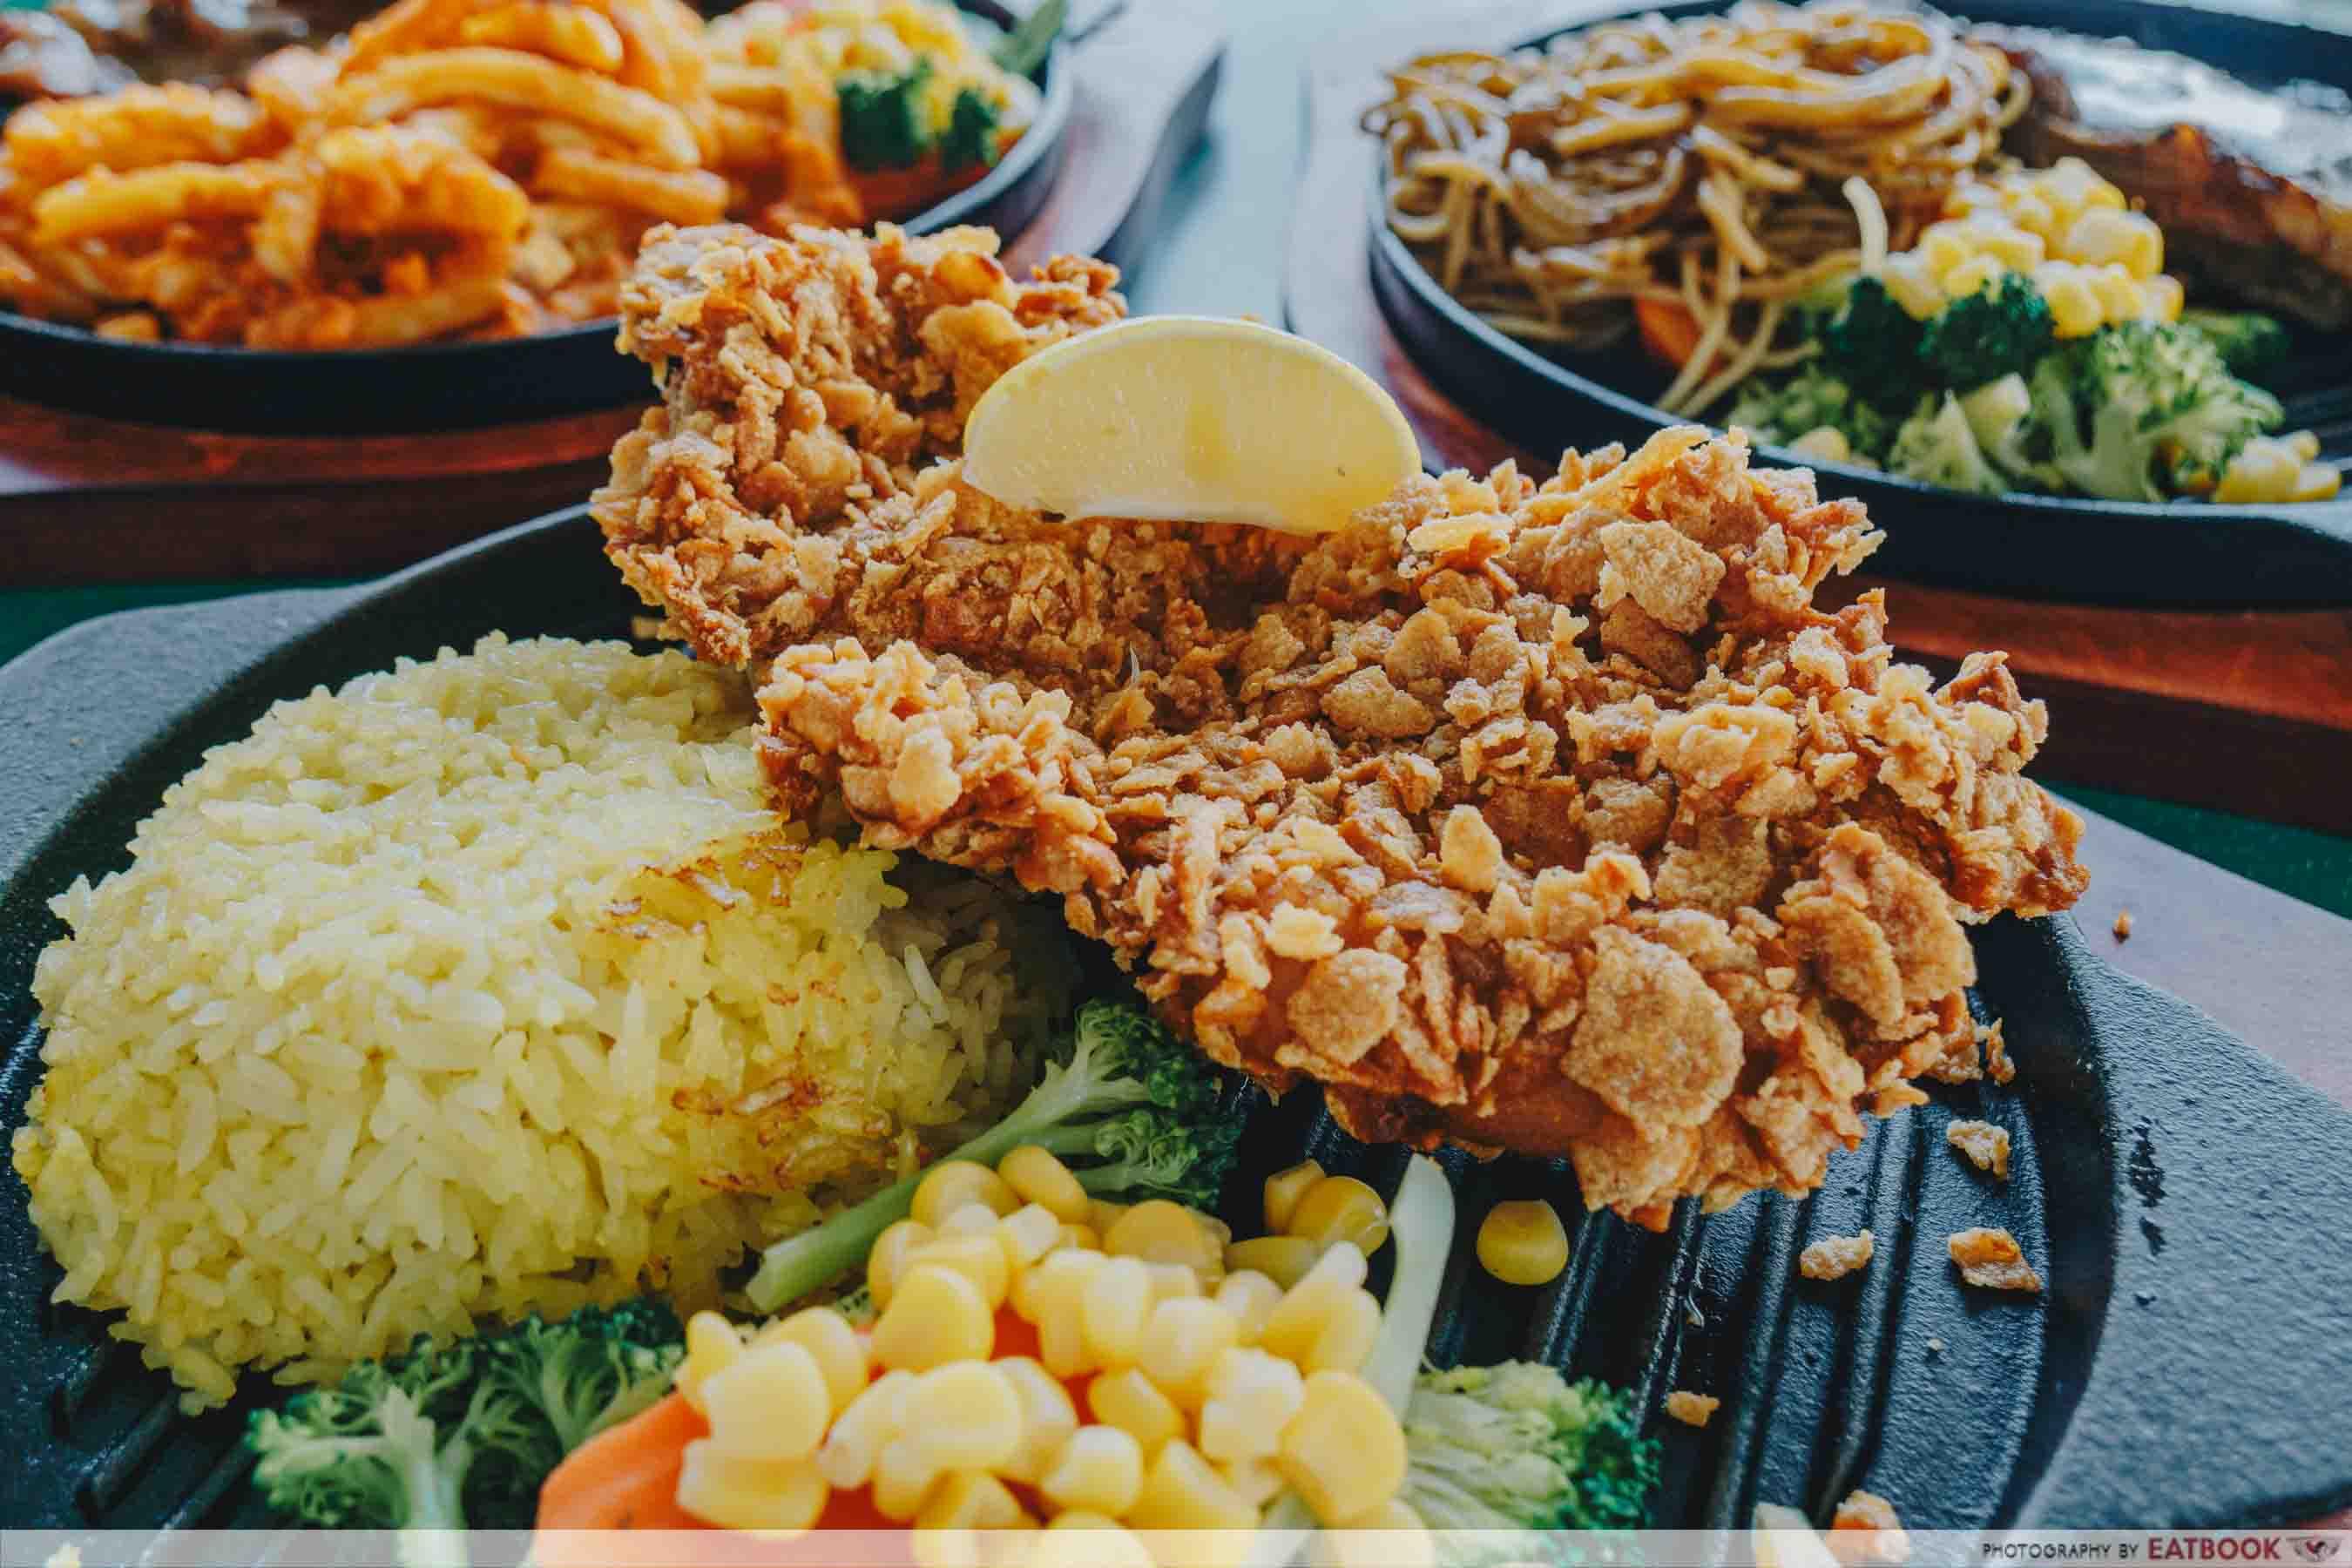 BIG BOYS Sizzling - Cornflake chicken